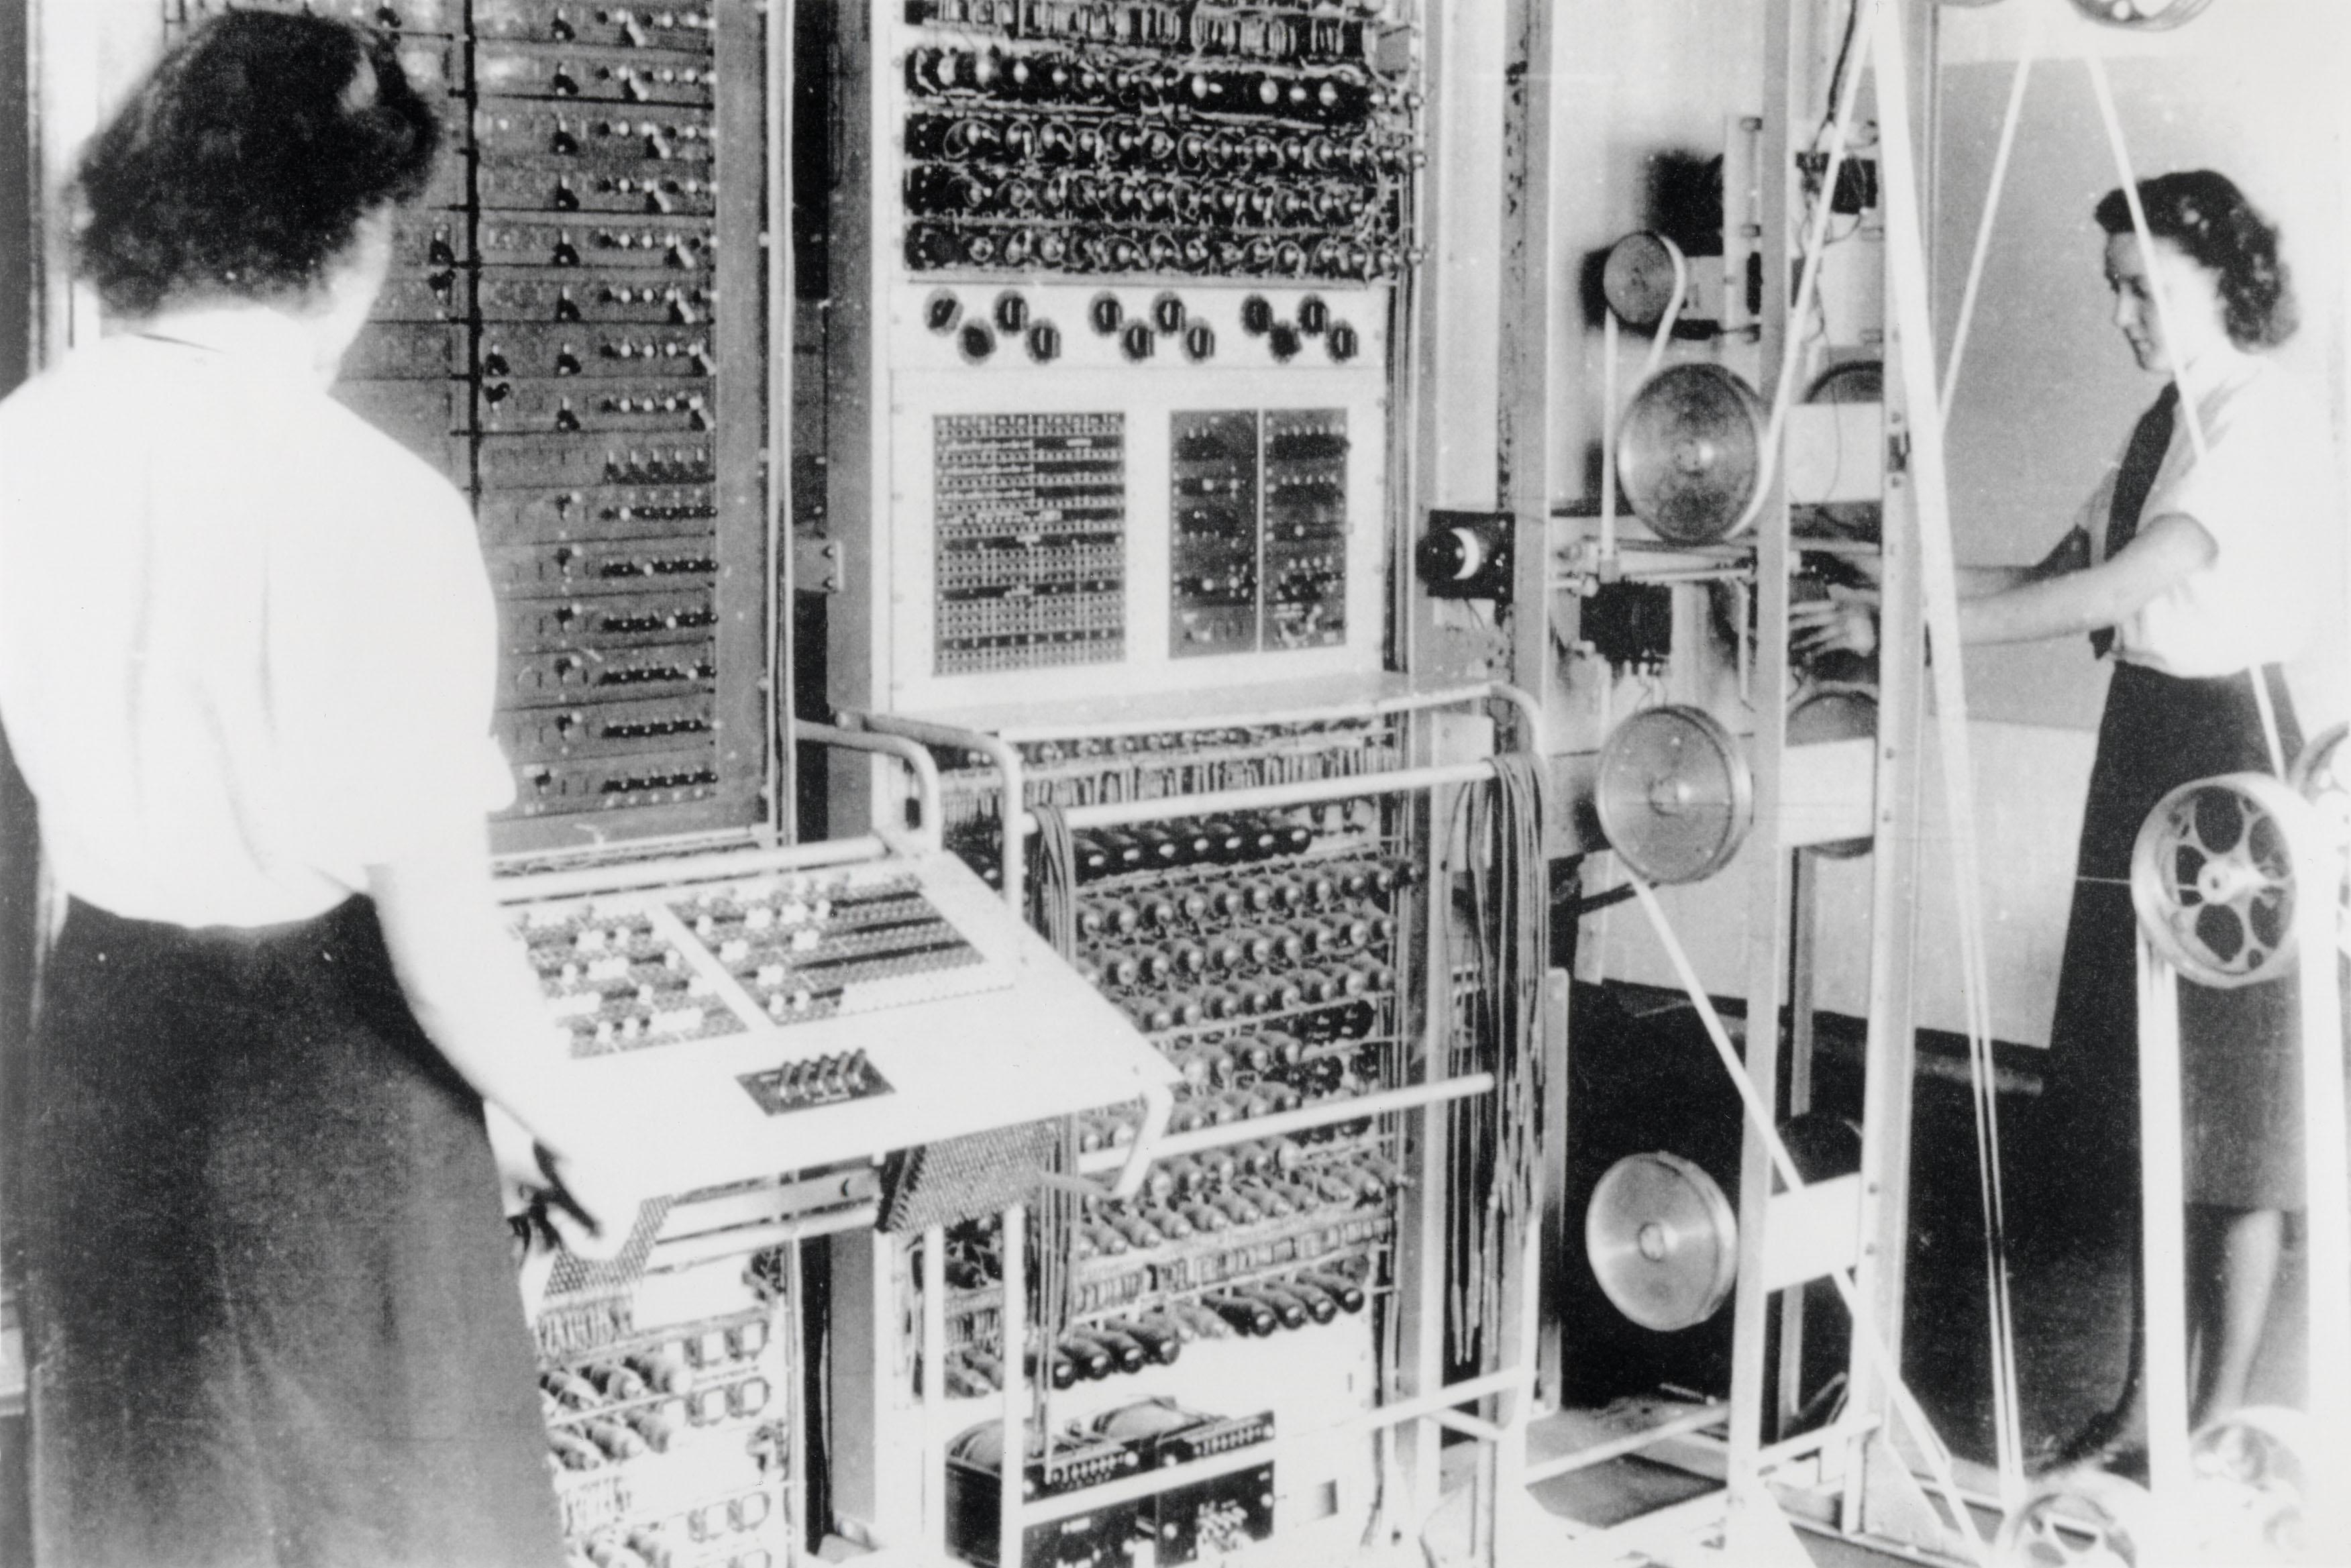 Электронно-ламповый «Колосс», созданный прирешающей роли Тьюринга к1944 году был первым компьютером современного типа